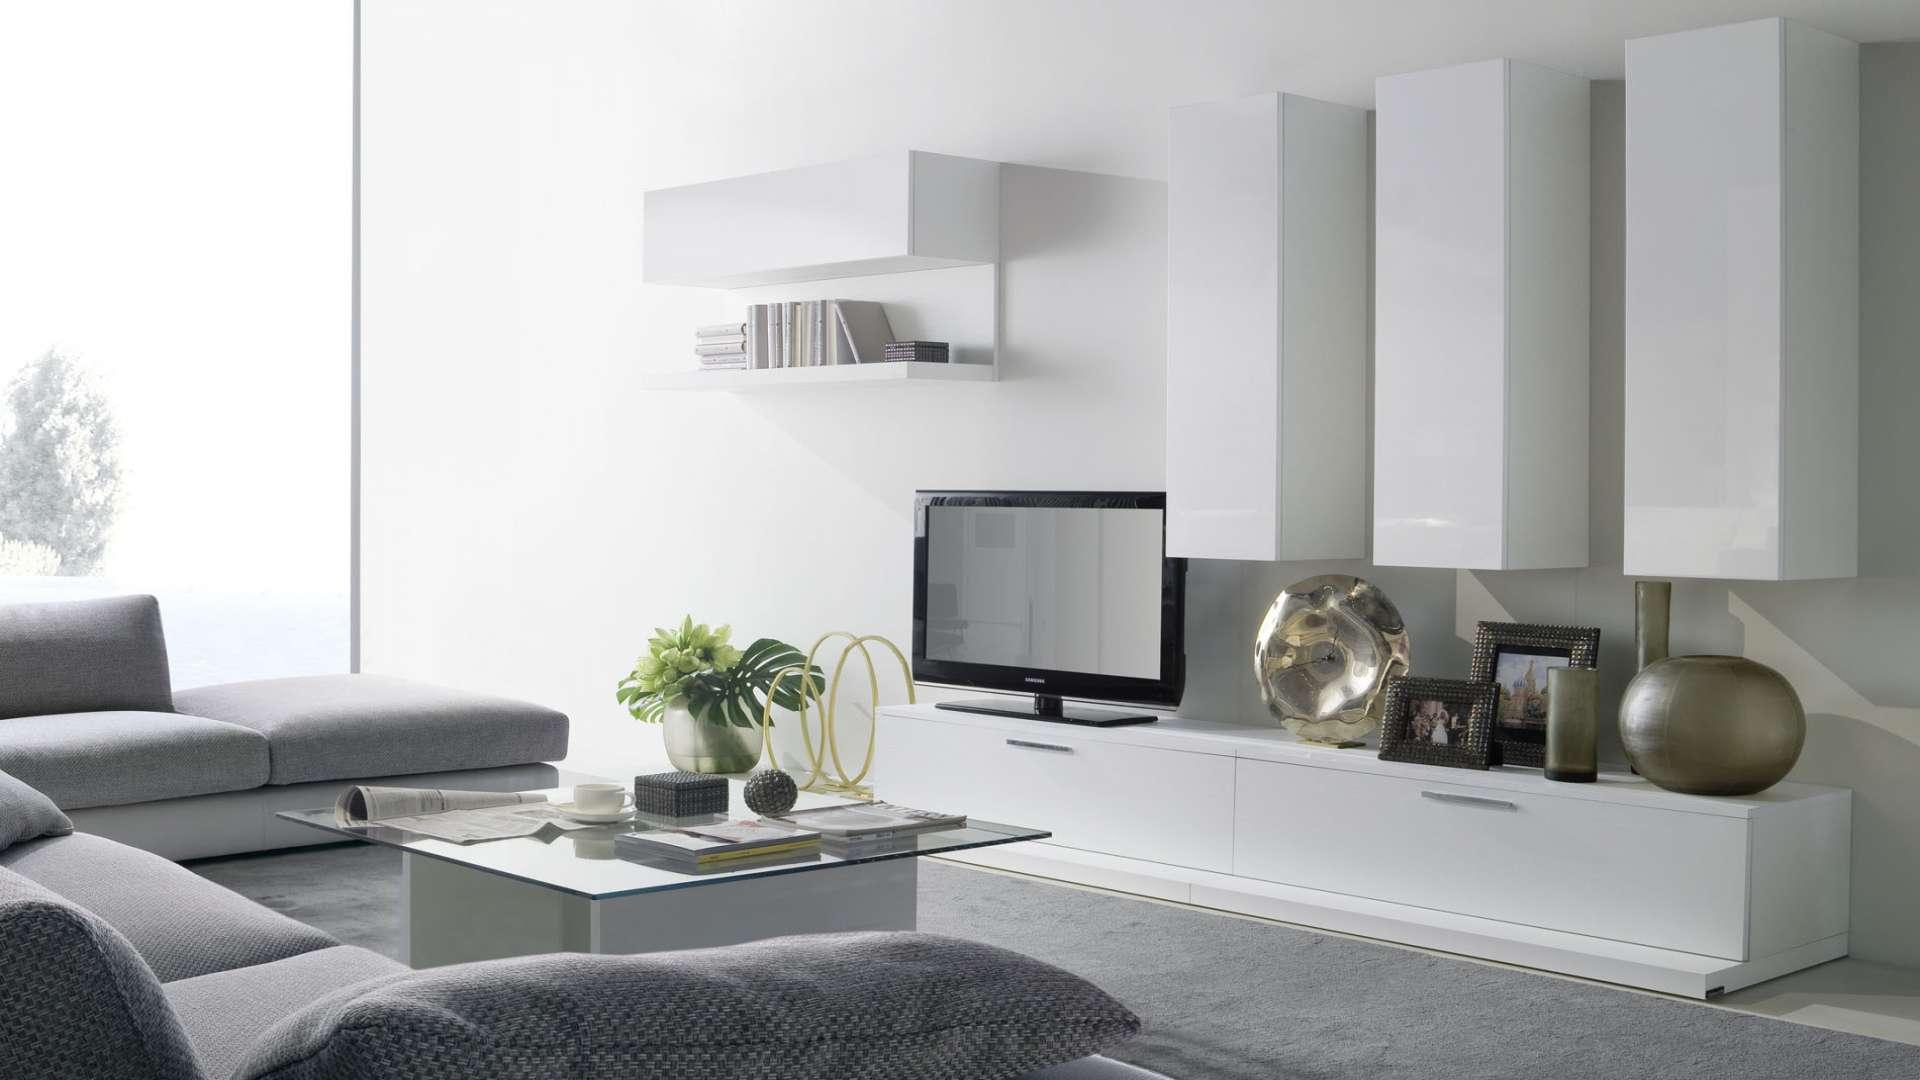 Mobili Da Soggiorno Bianchi i mobili living per soggiorno di chateau d'ax | arredica